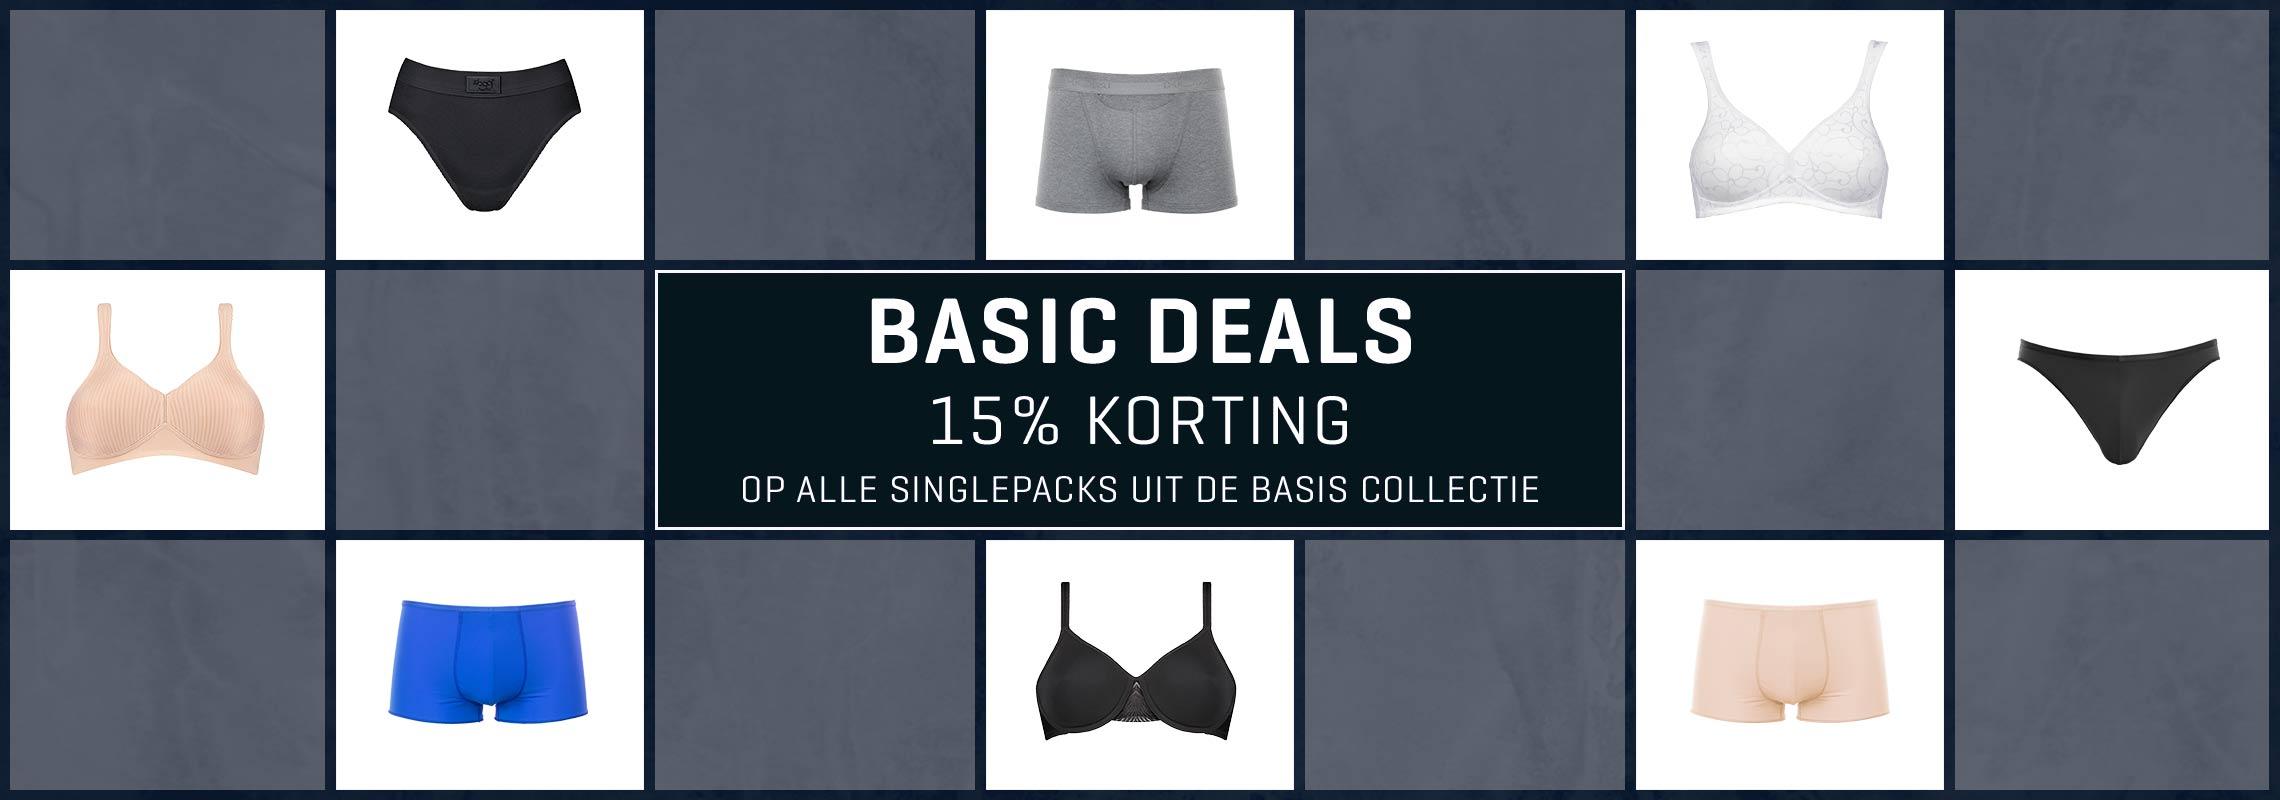 Basic Deals